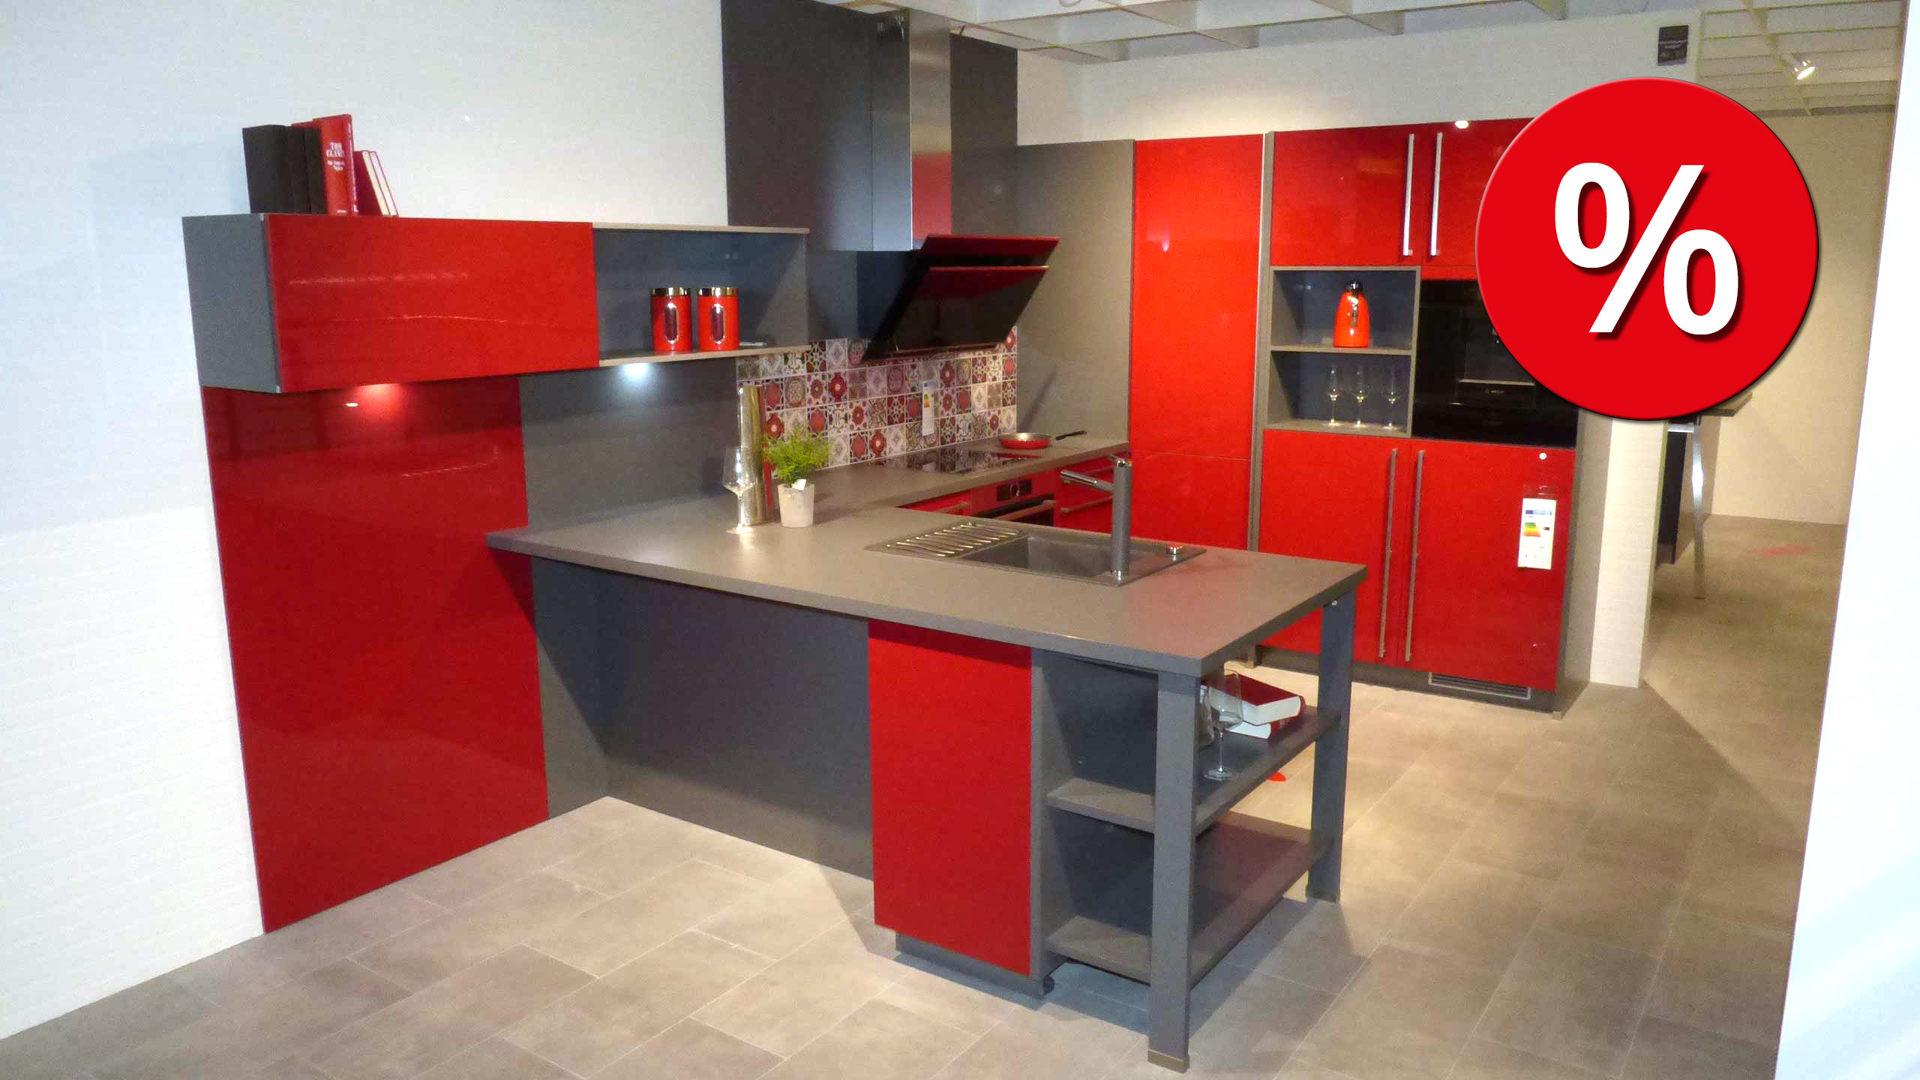 Berühmt Dunkelgrau Küchenschrank Lack Fotos - Ideen Für Die Küche ...